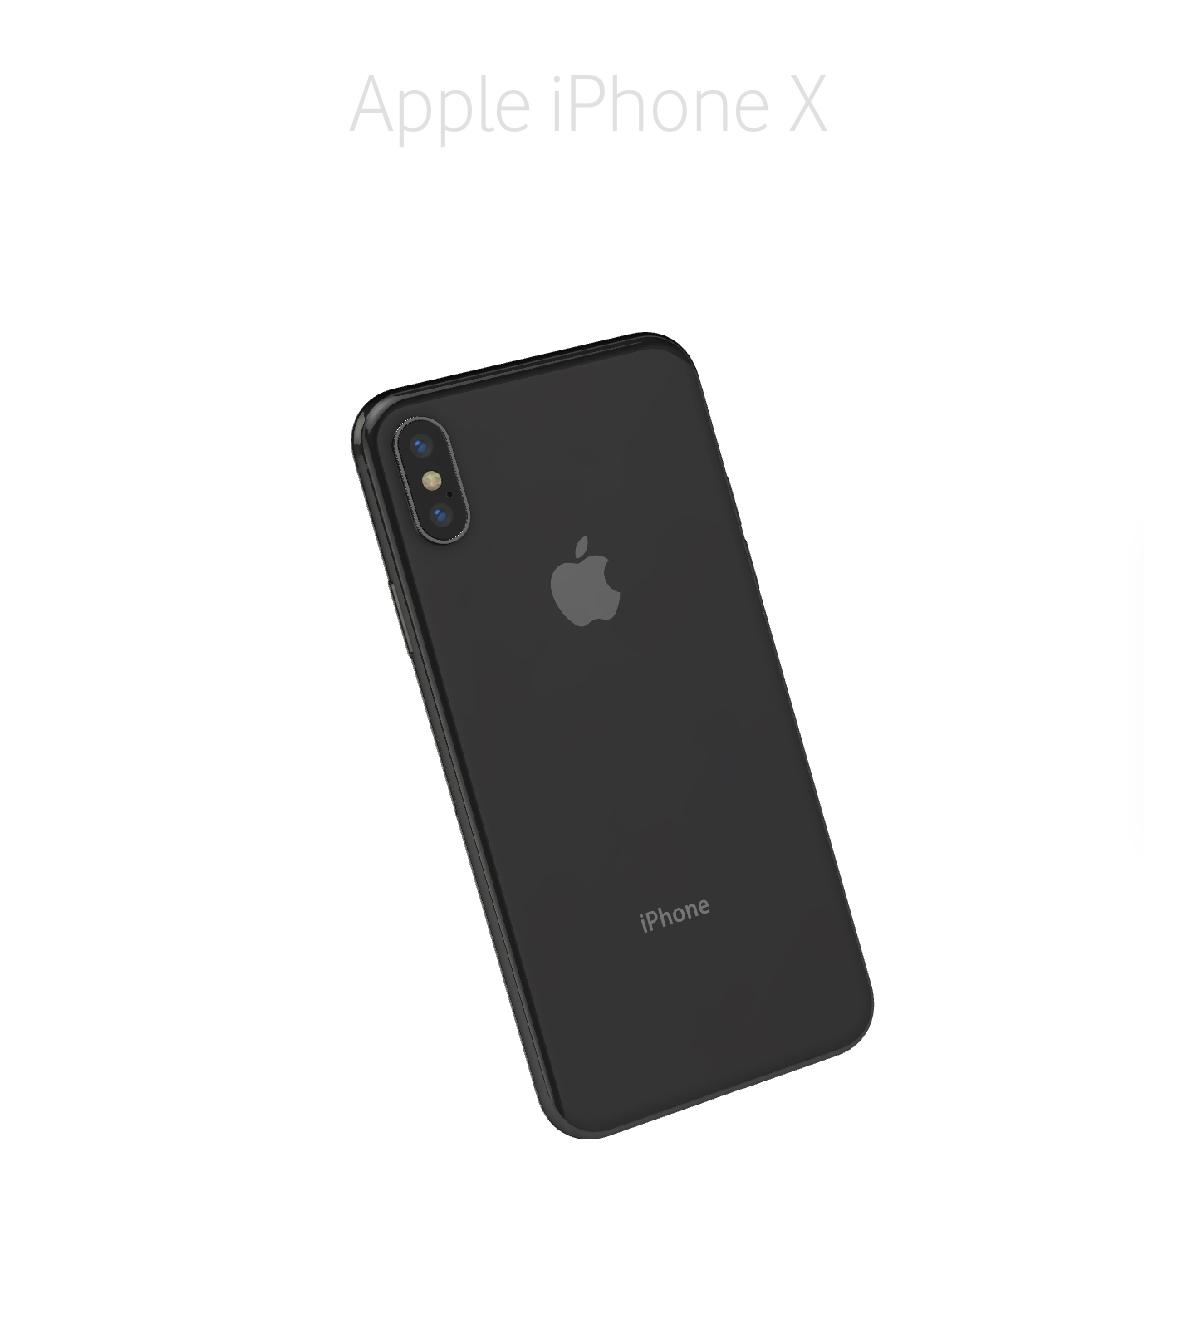 Laga glas baksida iPhone X